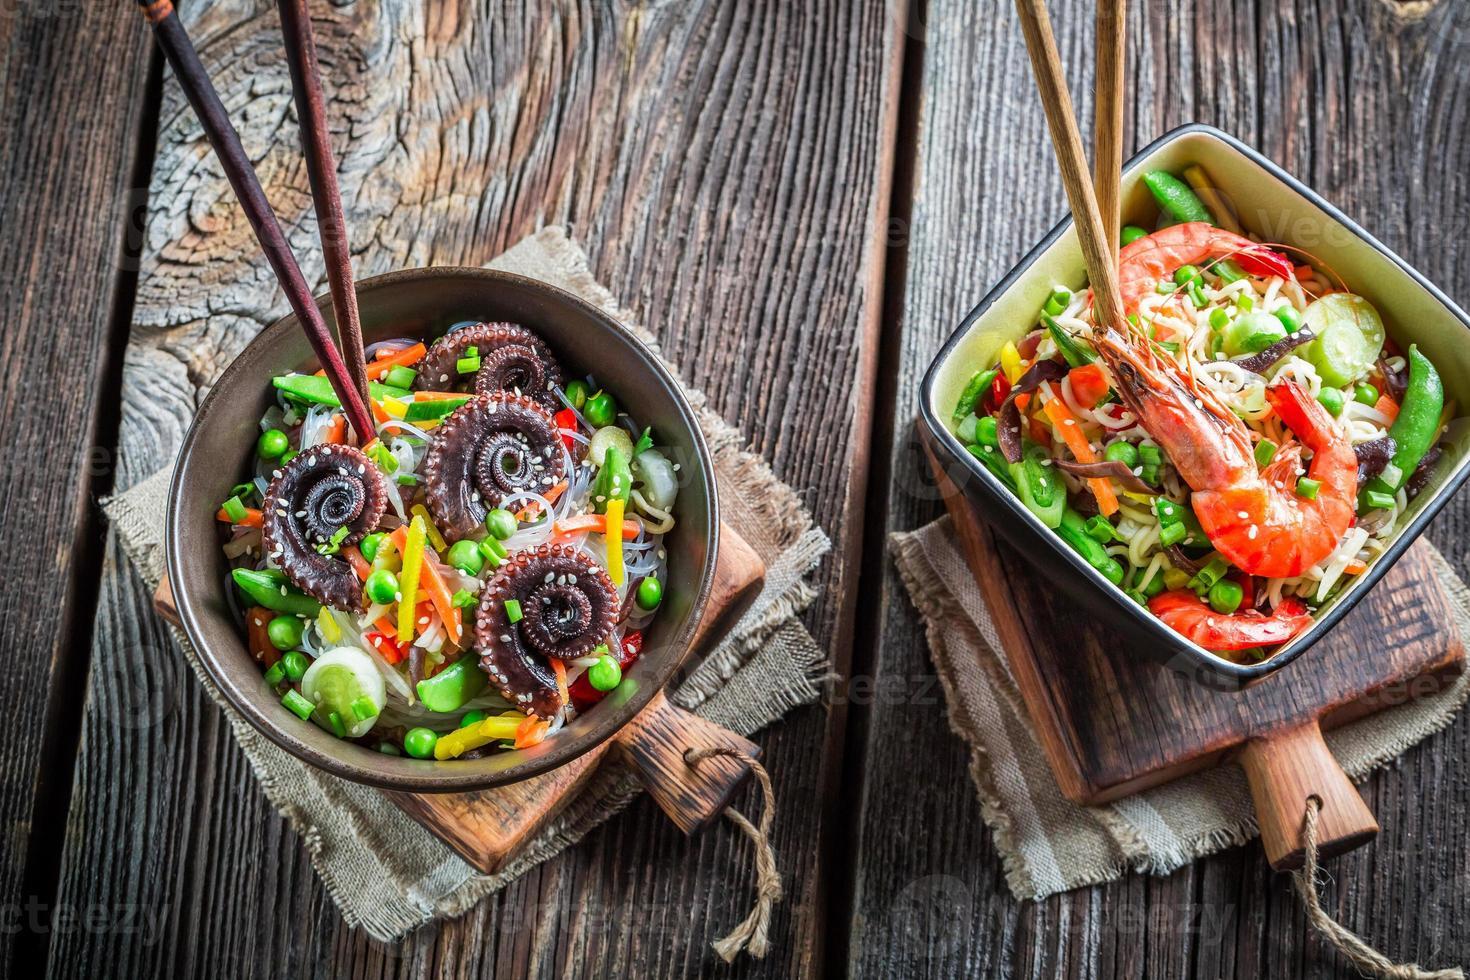 verdure con pasta e frutti di mare foto